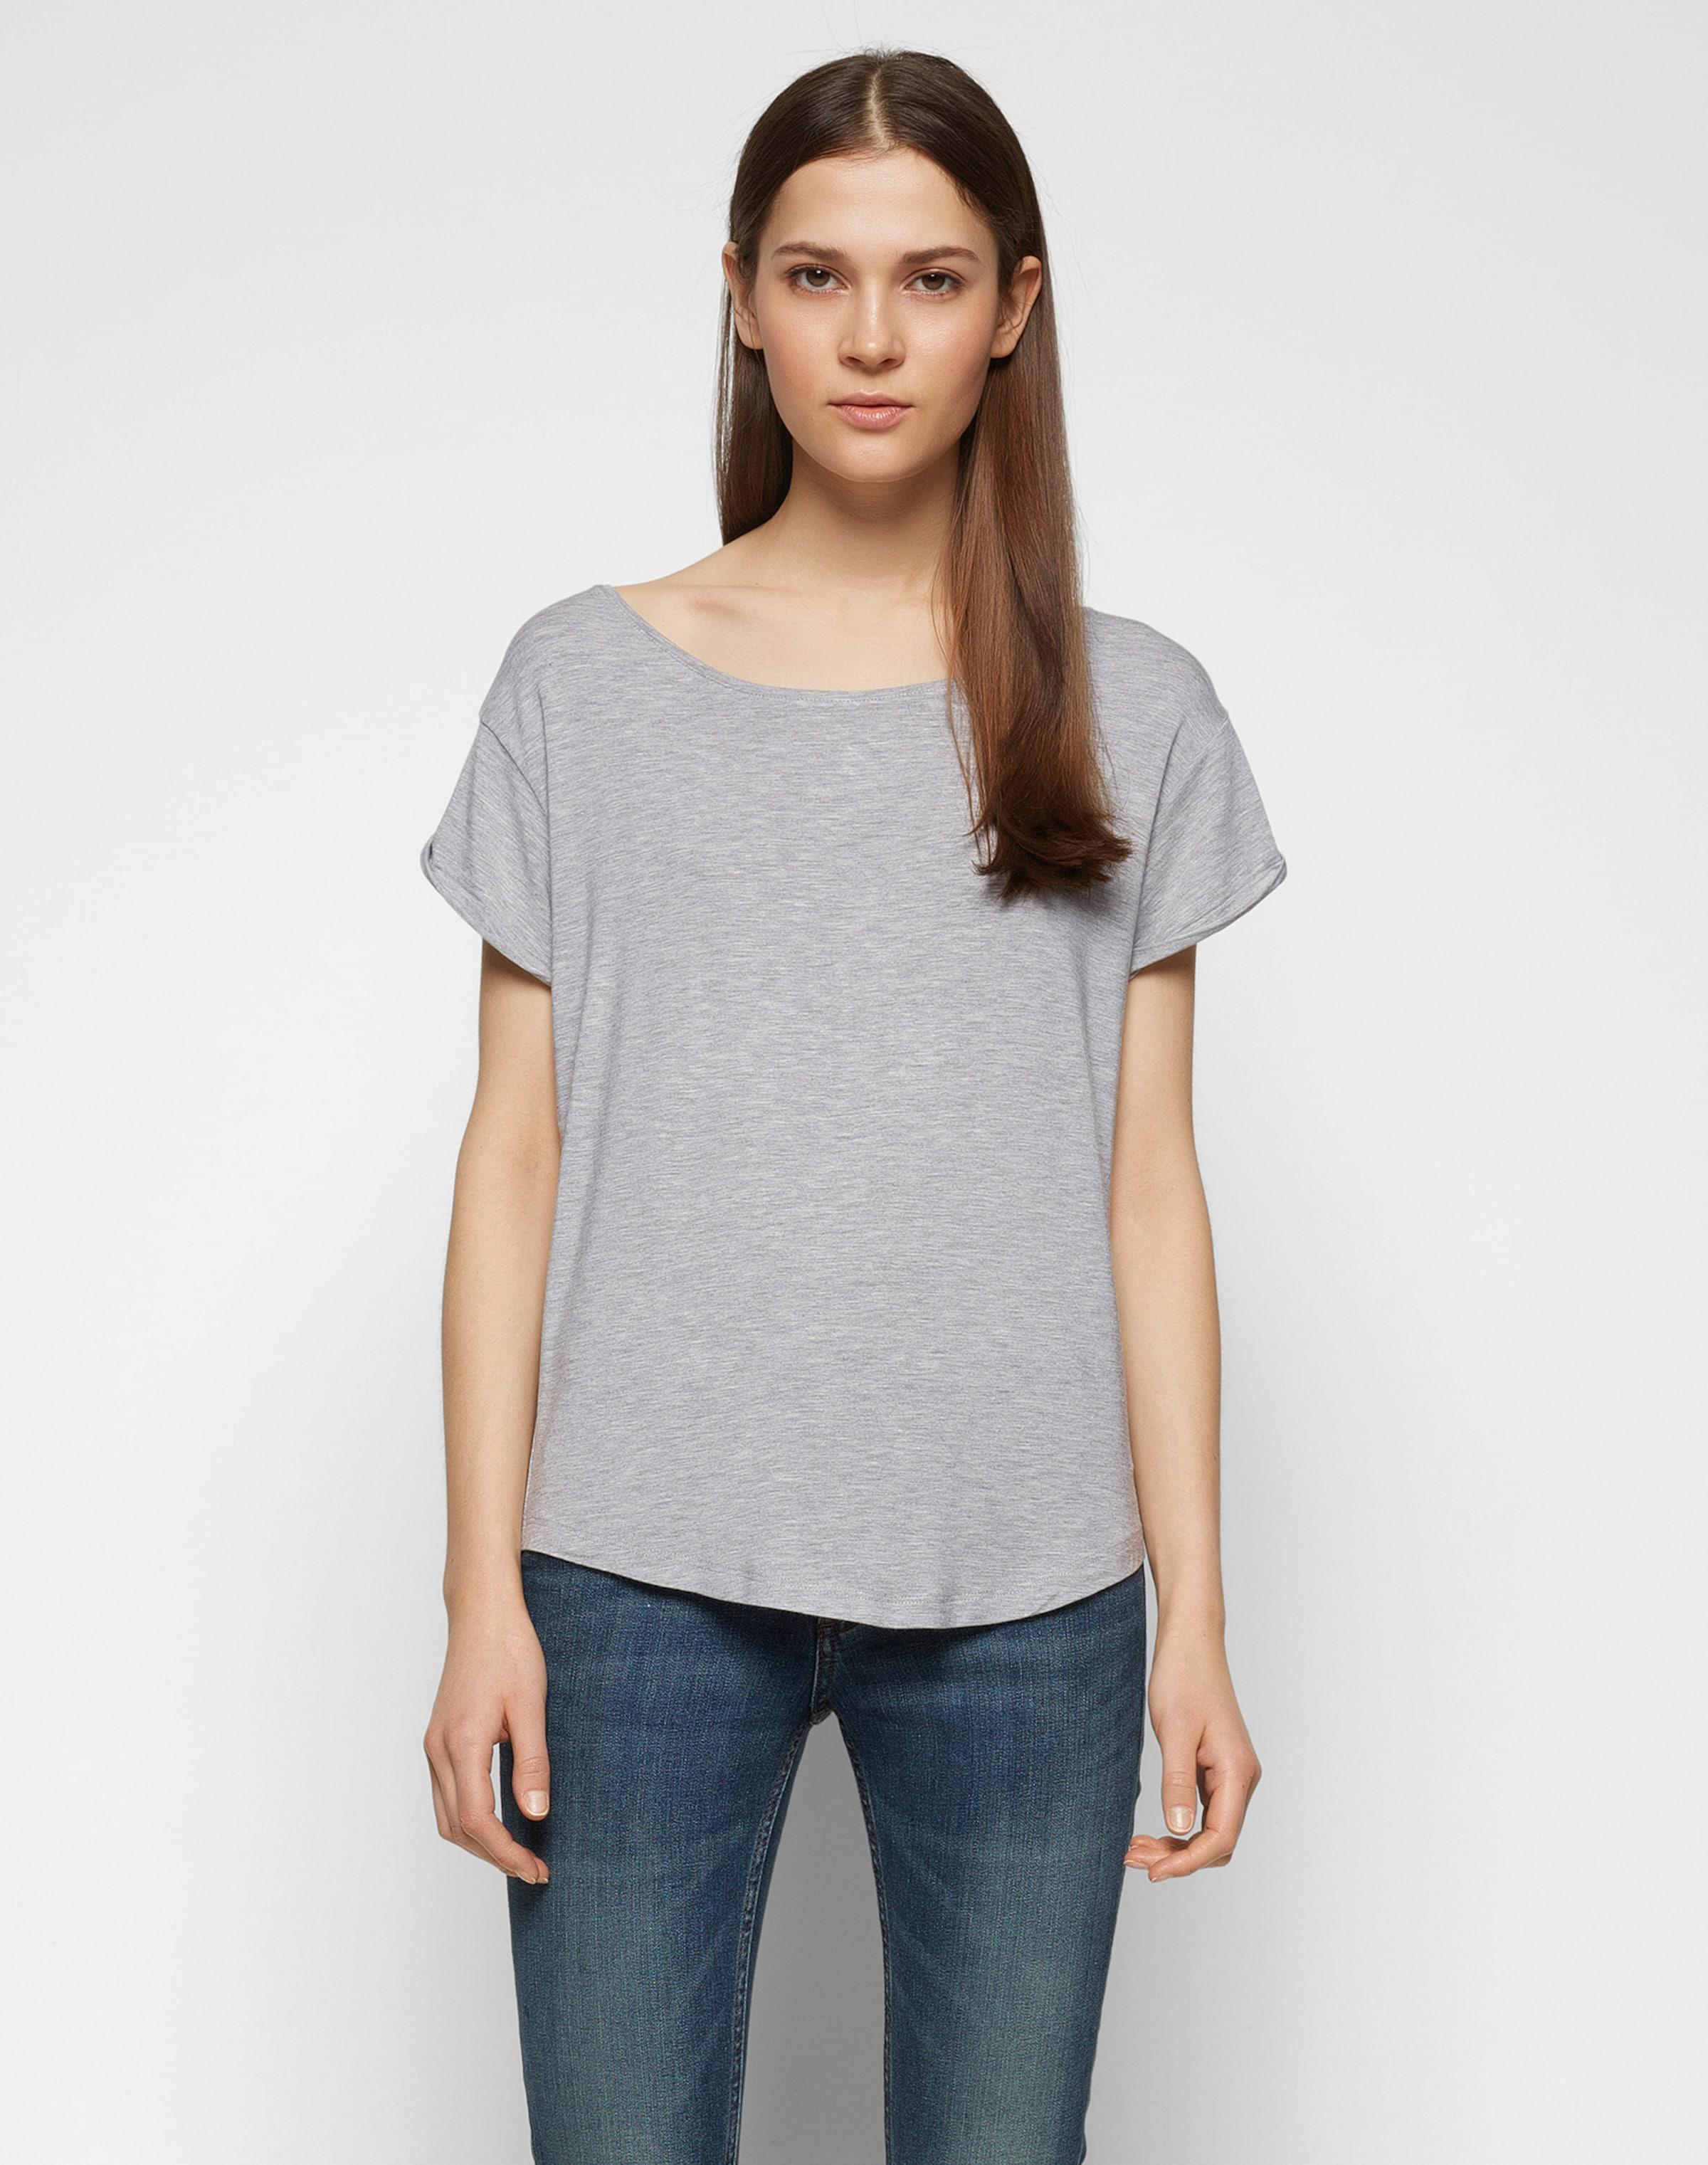 Low-Cost Verkauf Online mbym Print-Shirt 'Nisha' Günstig Kaufen Niedrigen Preis Versandkosten Für Profi Zu Verkaufen Pdw1r4